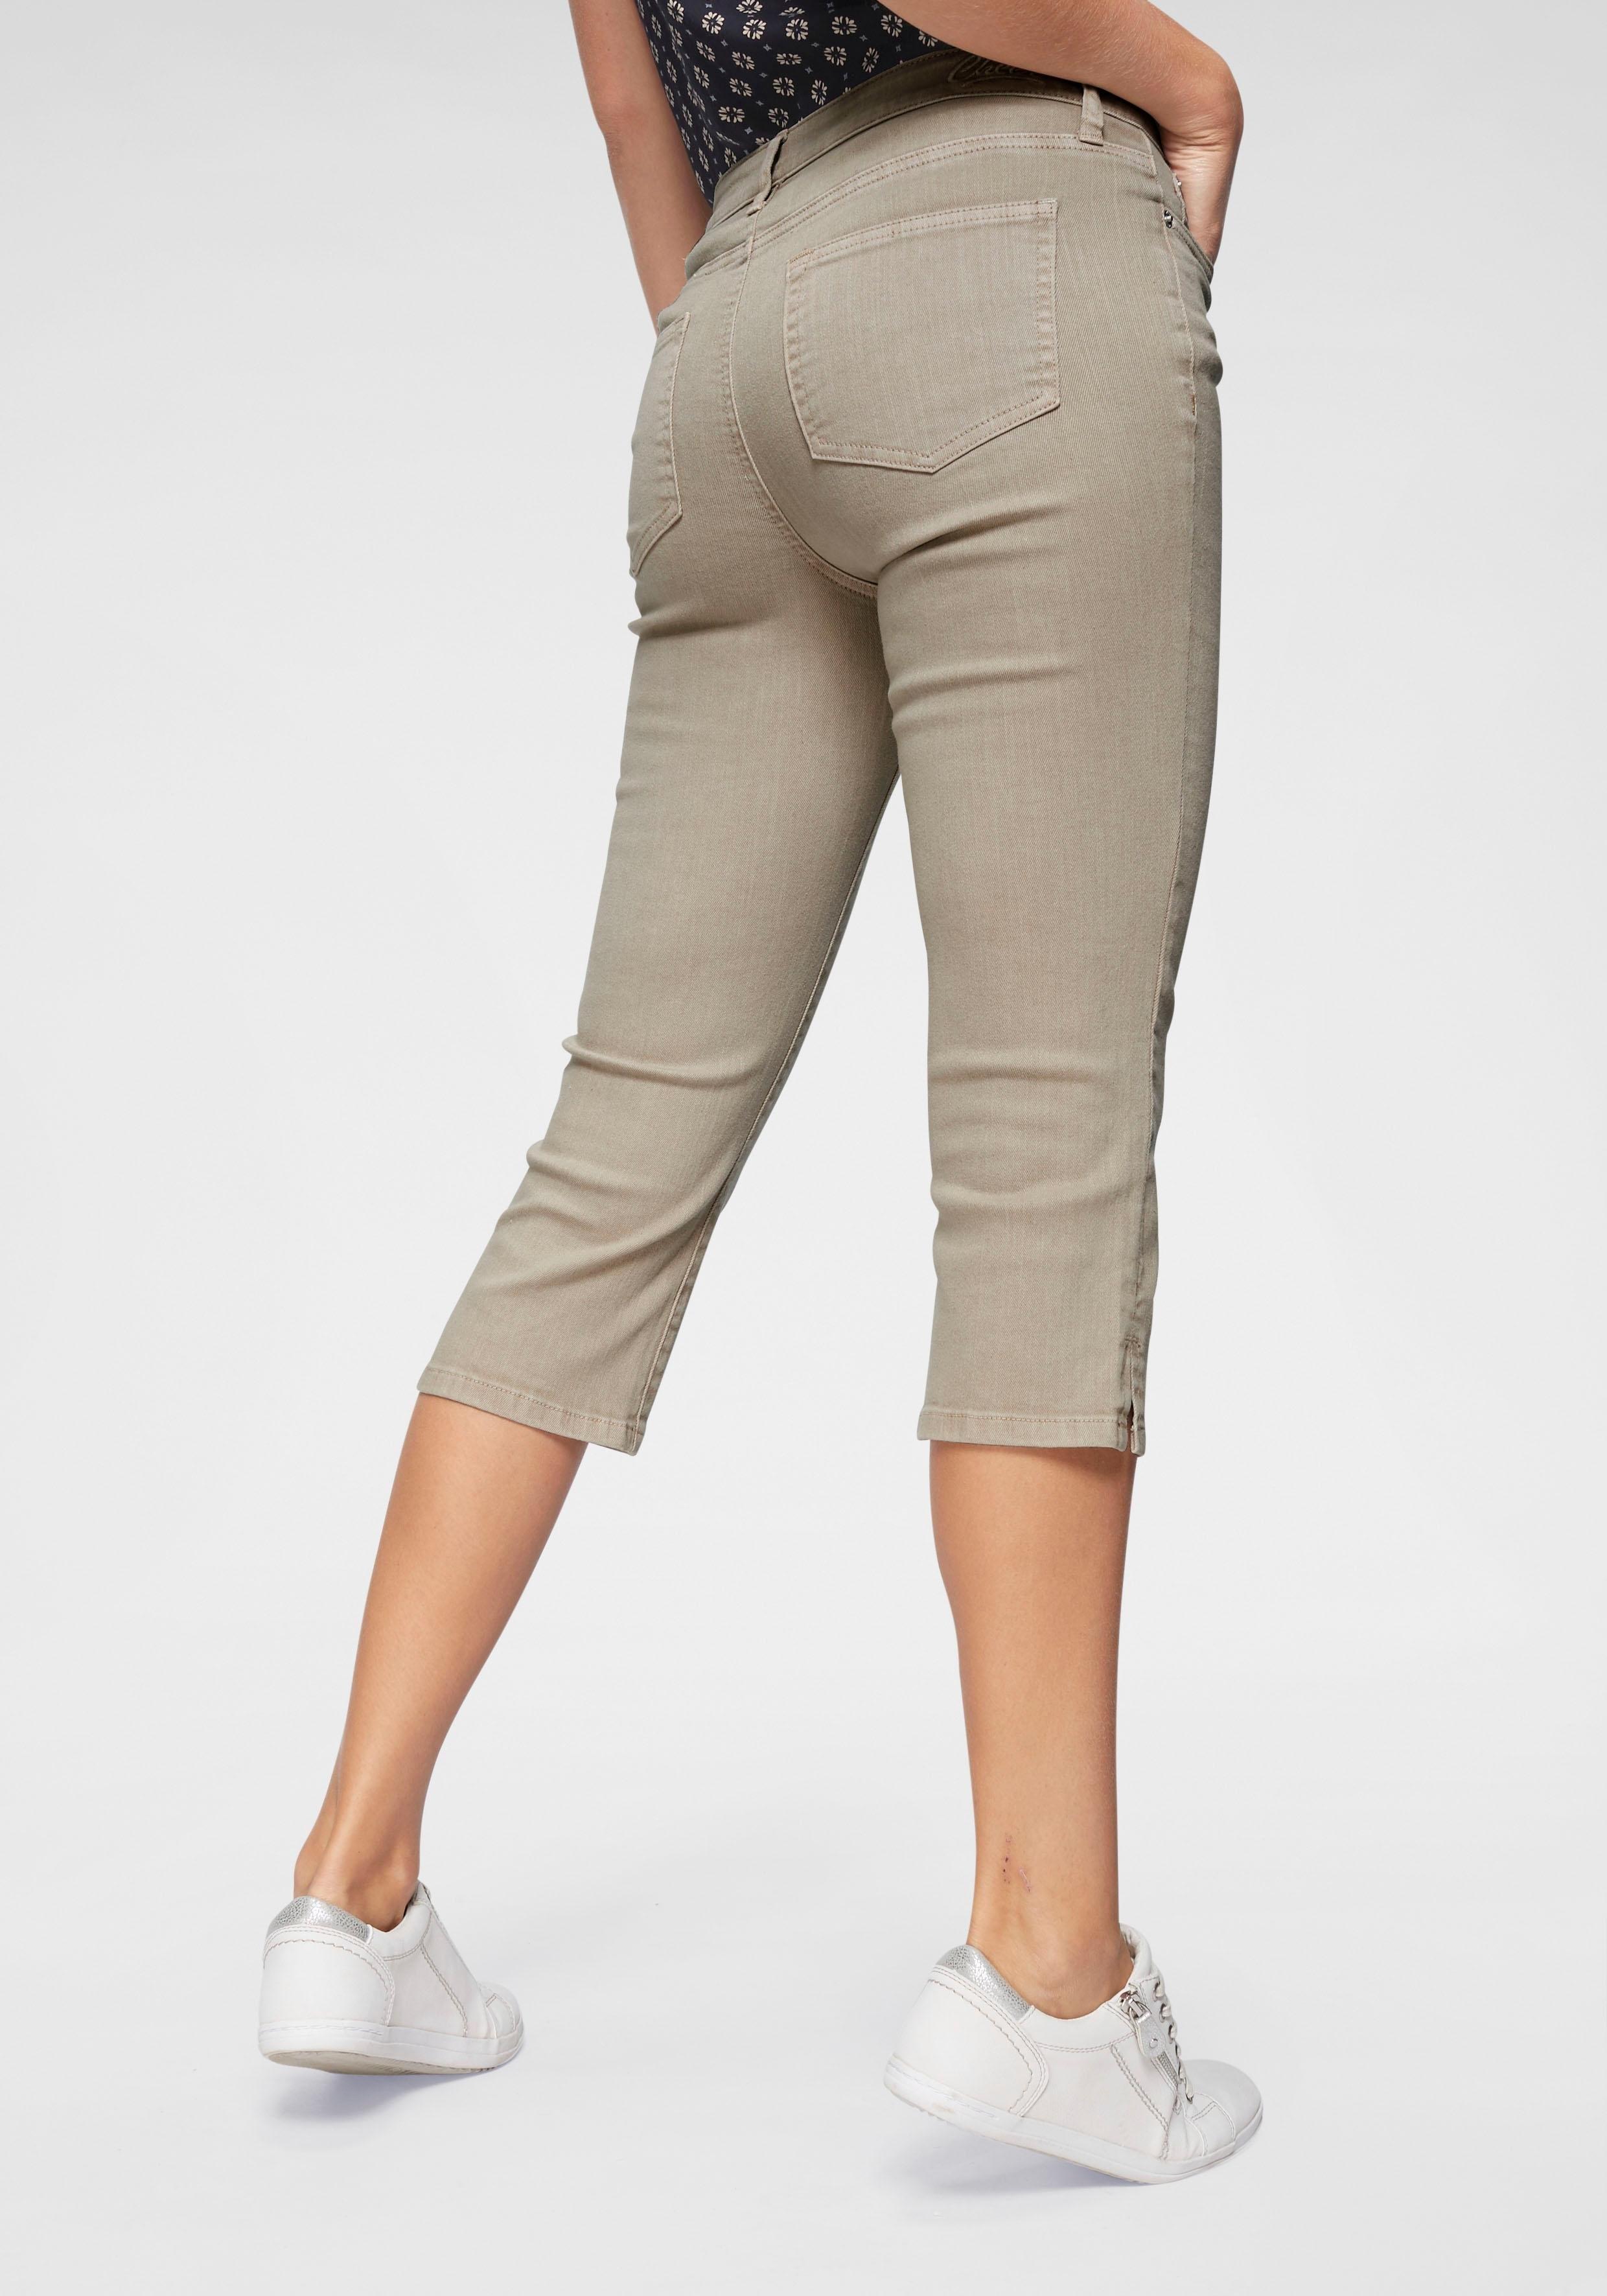 Cheer capri jeans goedkoop op otto.nl kopen